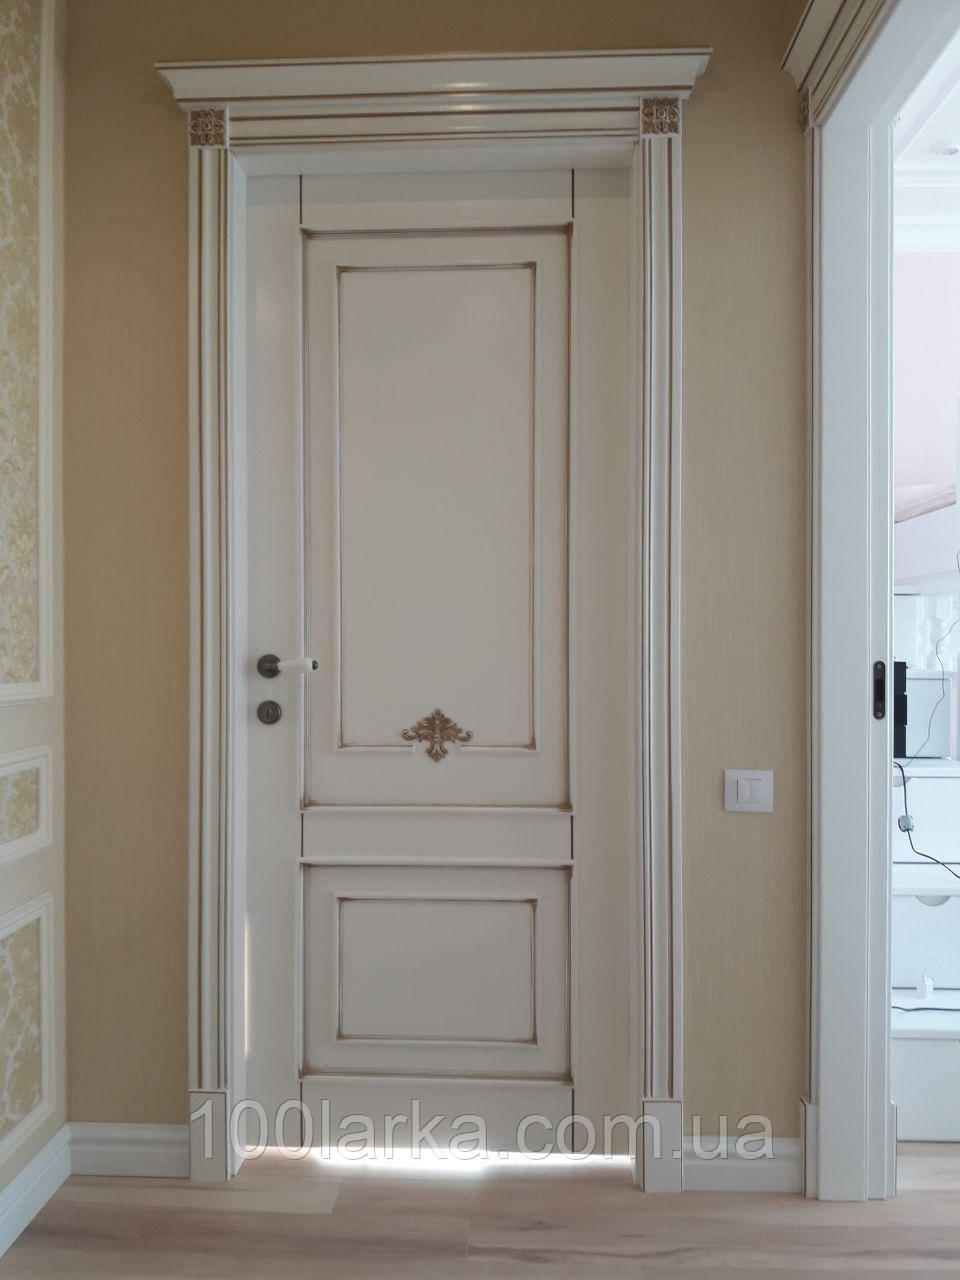 Двери межкомнатные из натурального дерева ясень